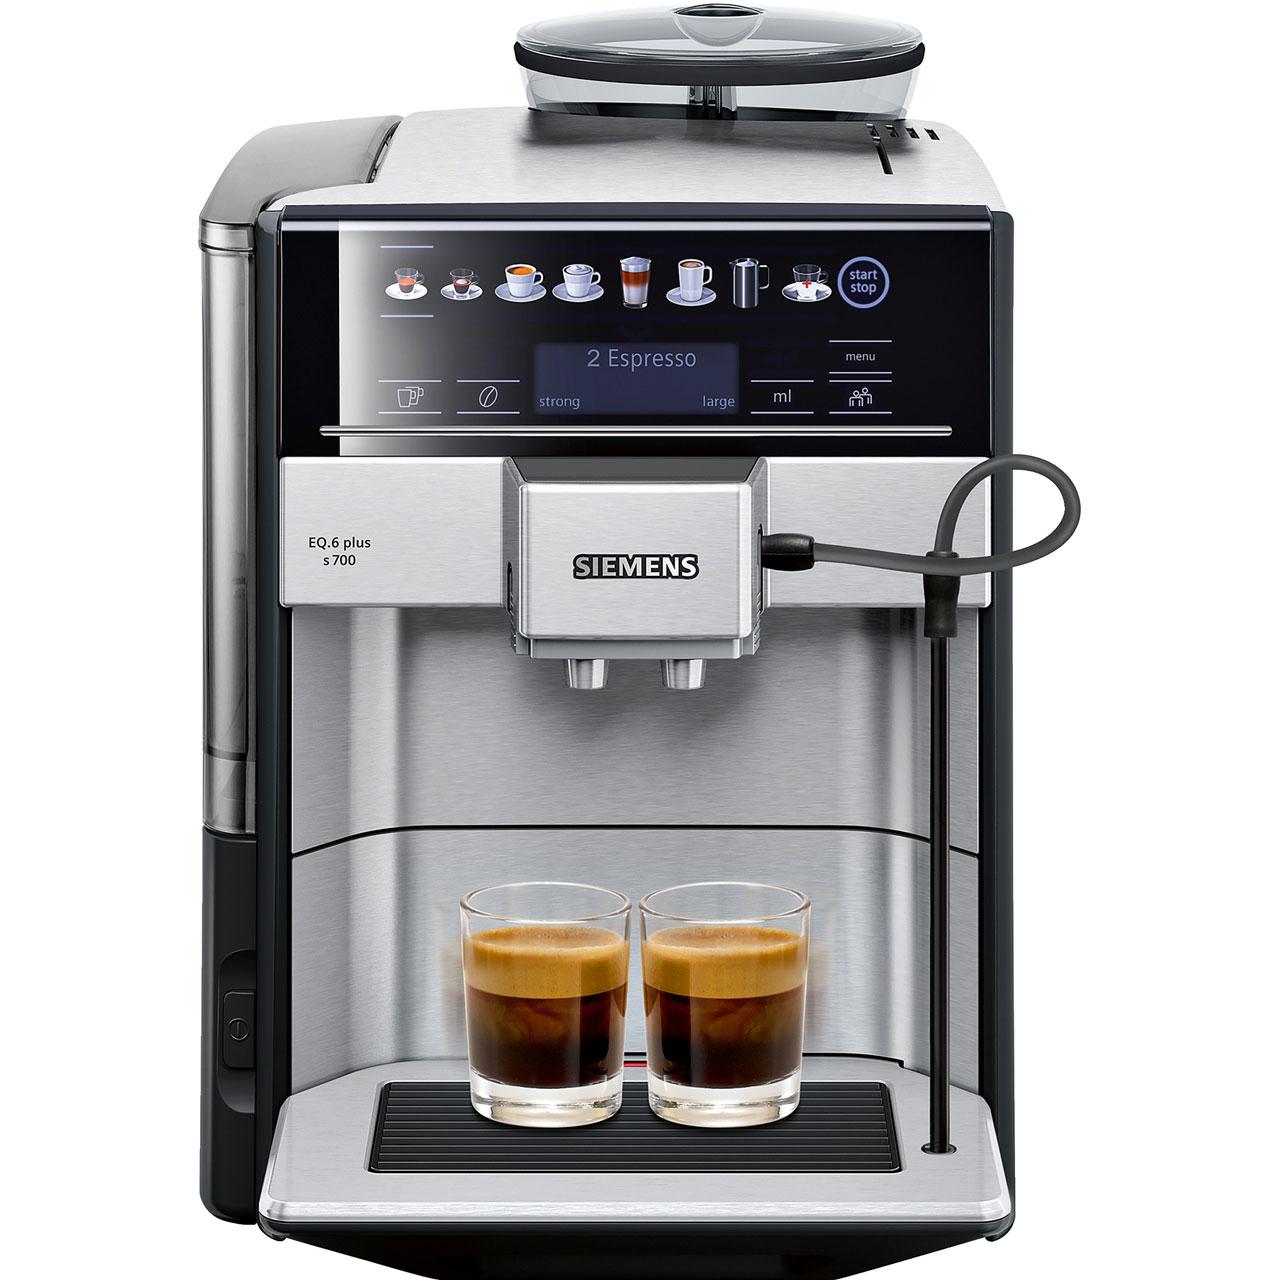 Siemens EQ6 TE657313RW Bean to Cup Coffee Machine - Silver £899 at ao.com